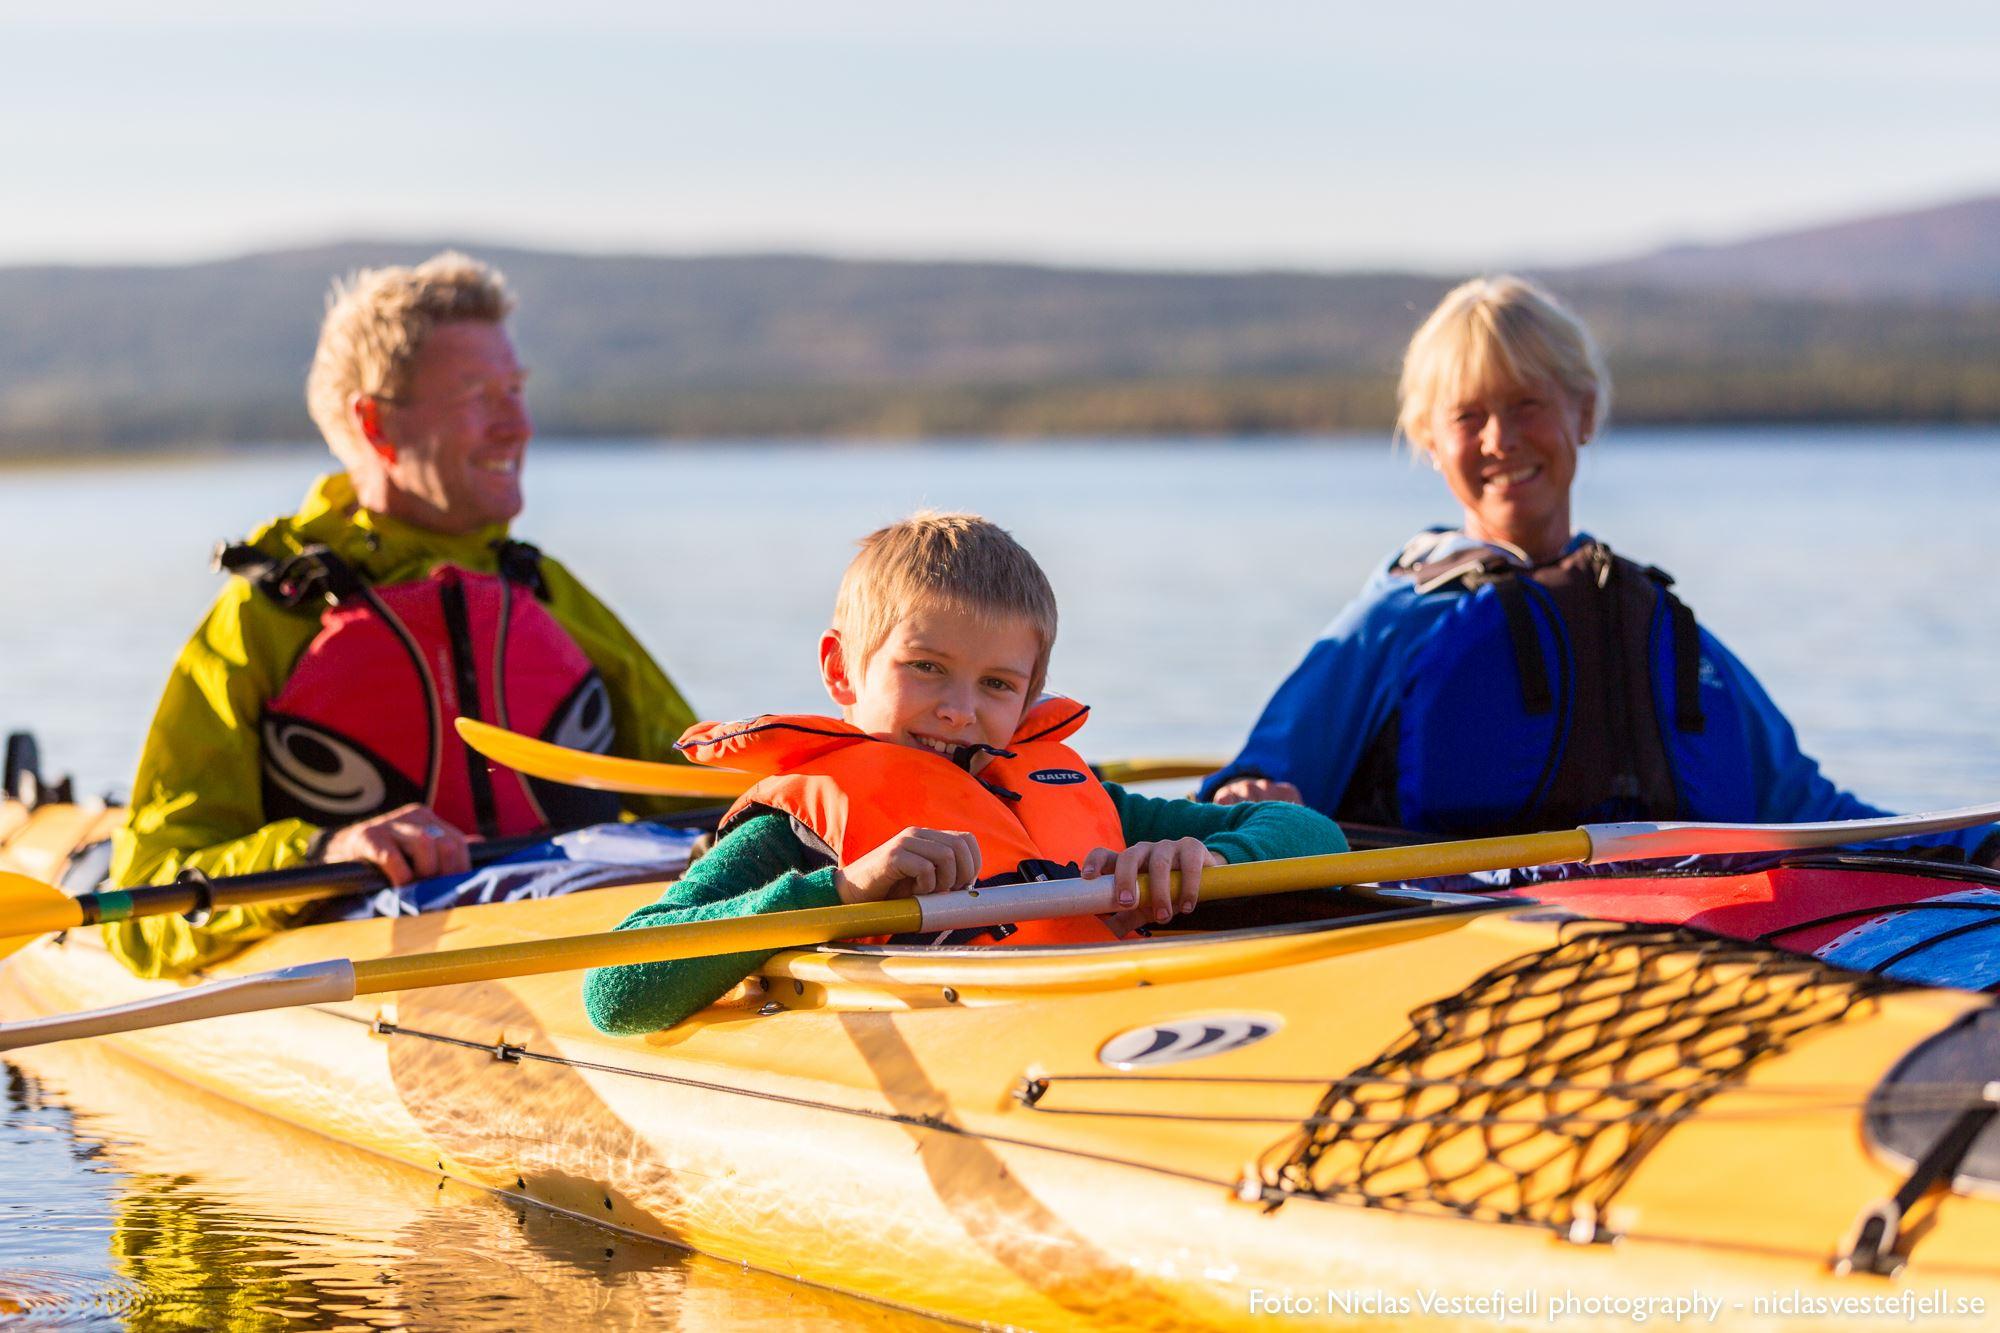 Kayaking on the wild, beautiful Ottsjön